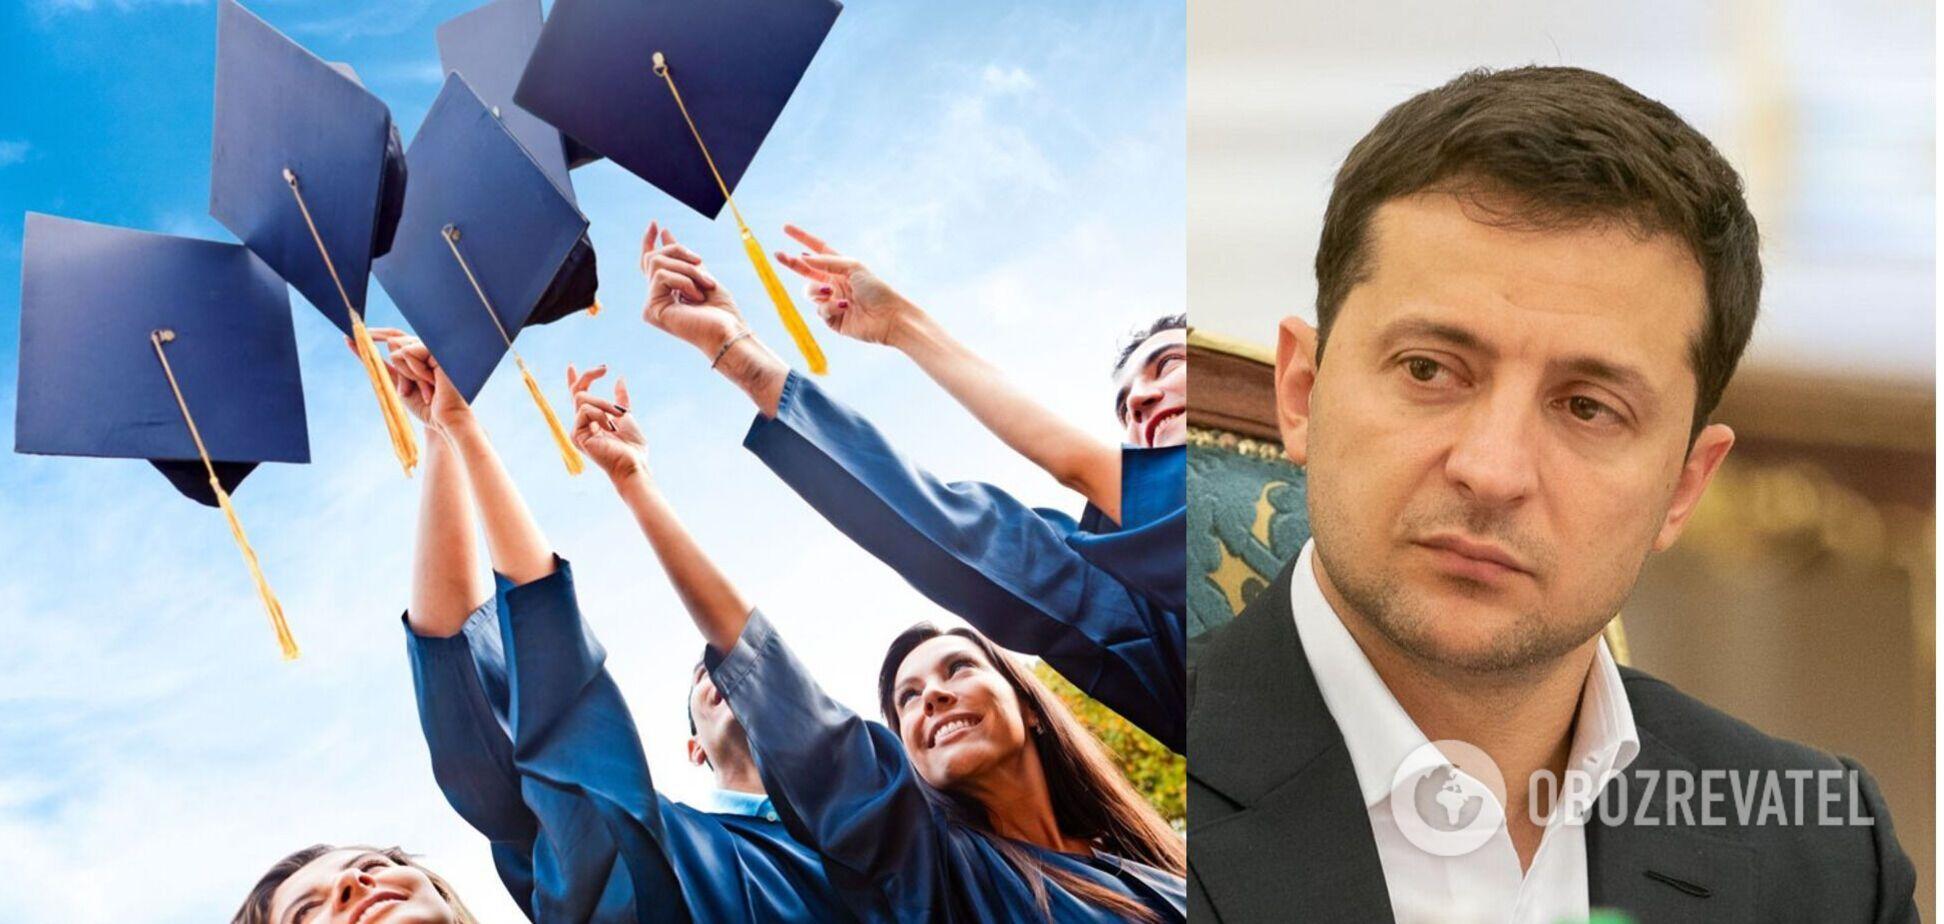 Зеленський пообіцяв всім українцям гроші на рахунок до повноліття